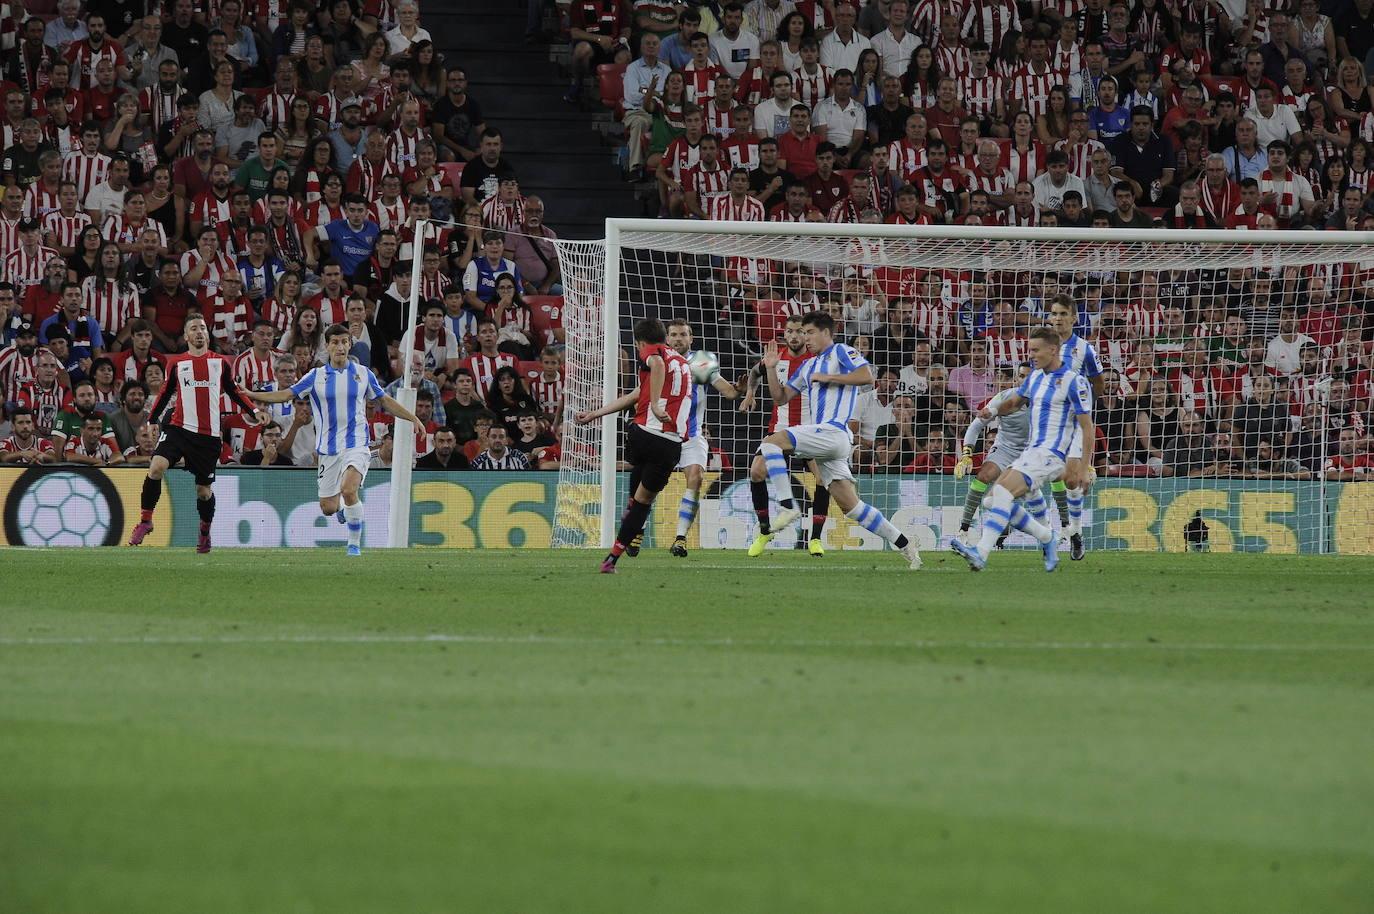 El derbi entre el Athletic y la Real Sociedad, en imágenes